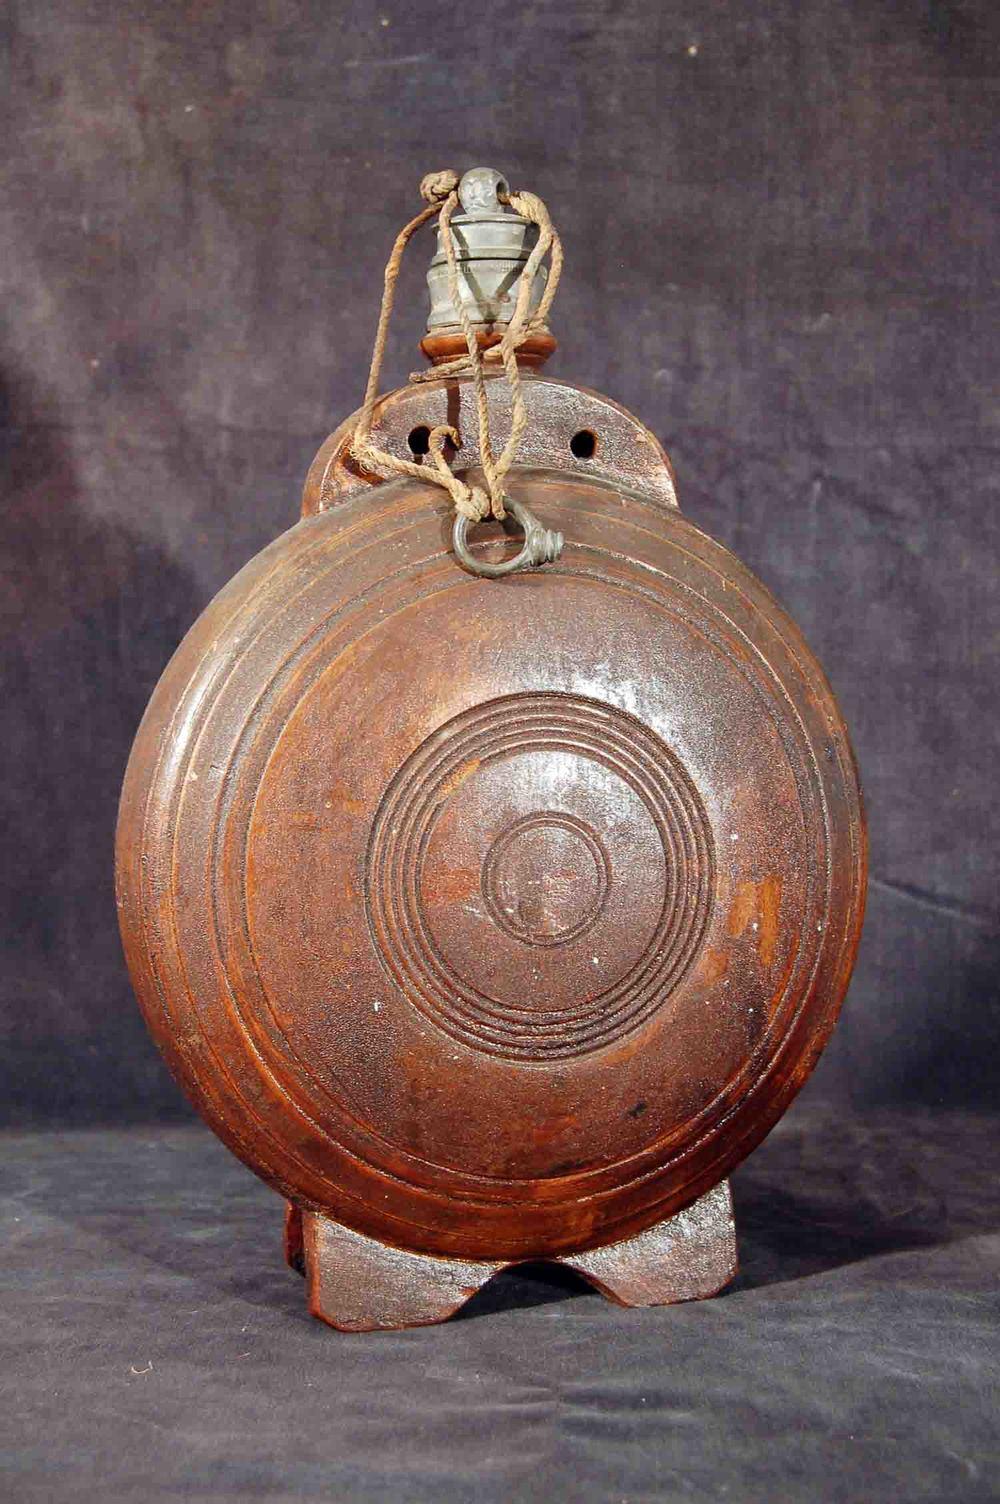 Holz-Wasserflasche mit Zinnmontierung und Standfuß; Höhe 32cm